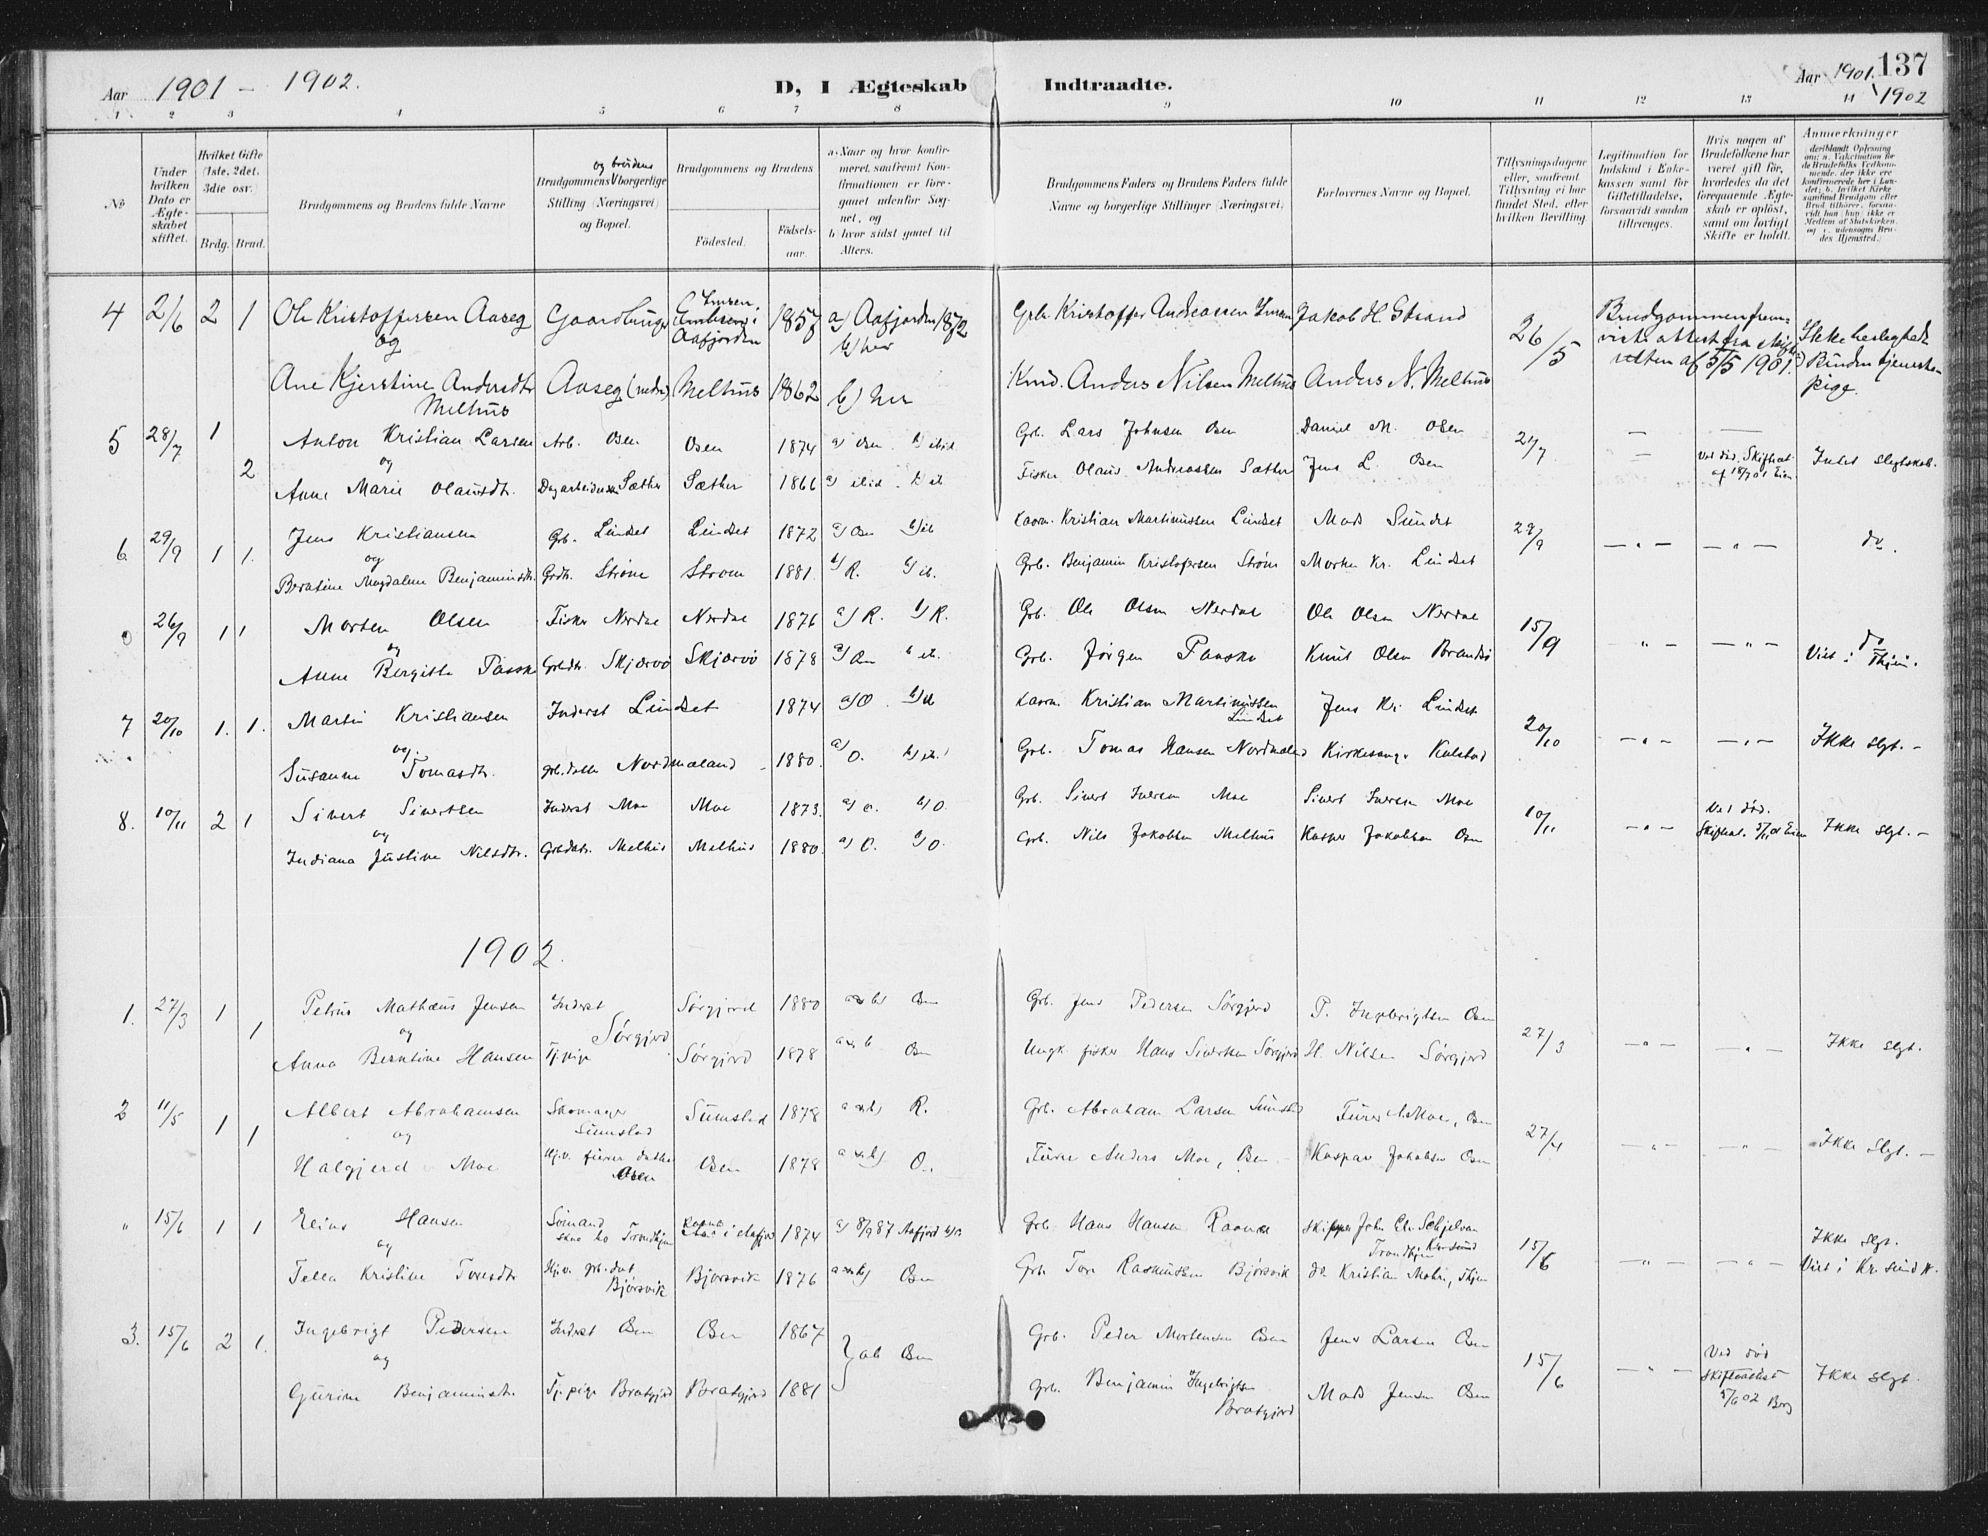 SAT, Ministerialprotokoller, klokkerbøker og fødselsregistre - Sør-Trøndelag, 658/L0723: Ministerialbok nr. 658A02, 1897-1912, s. 137